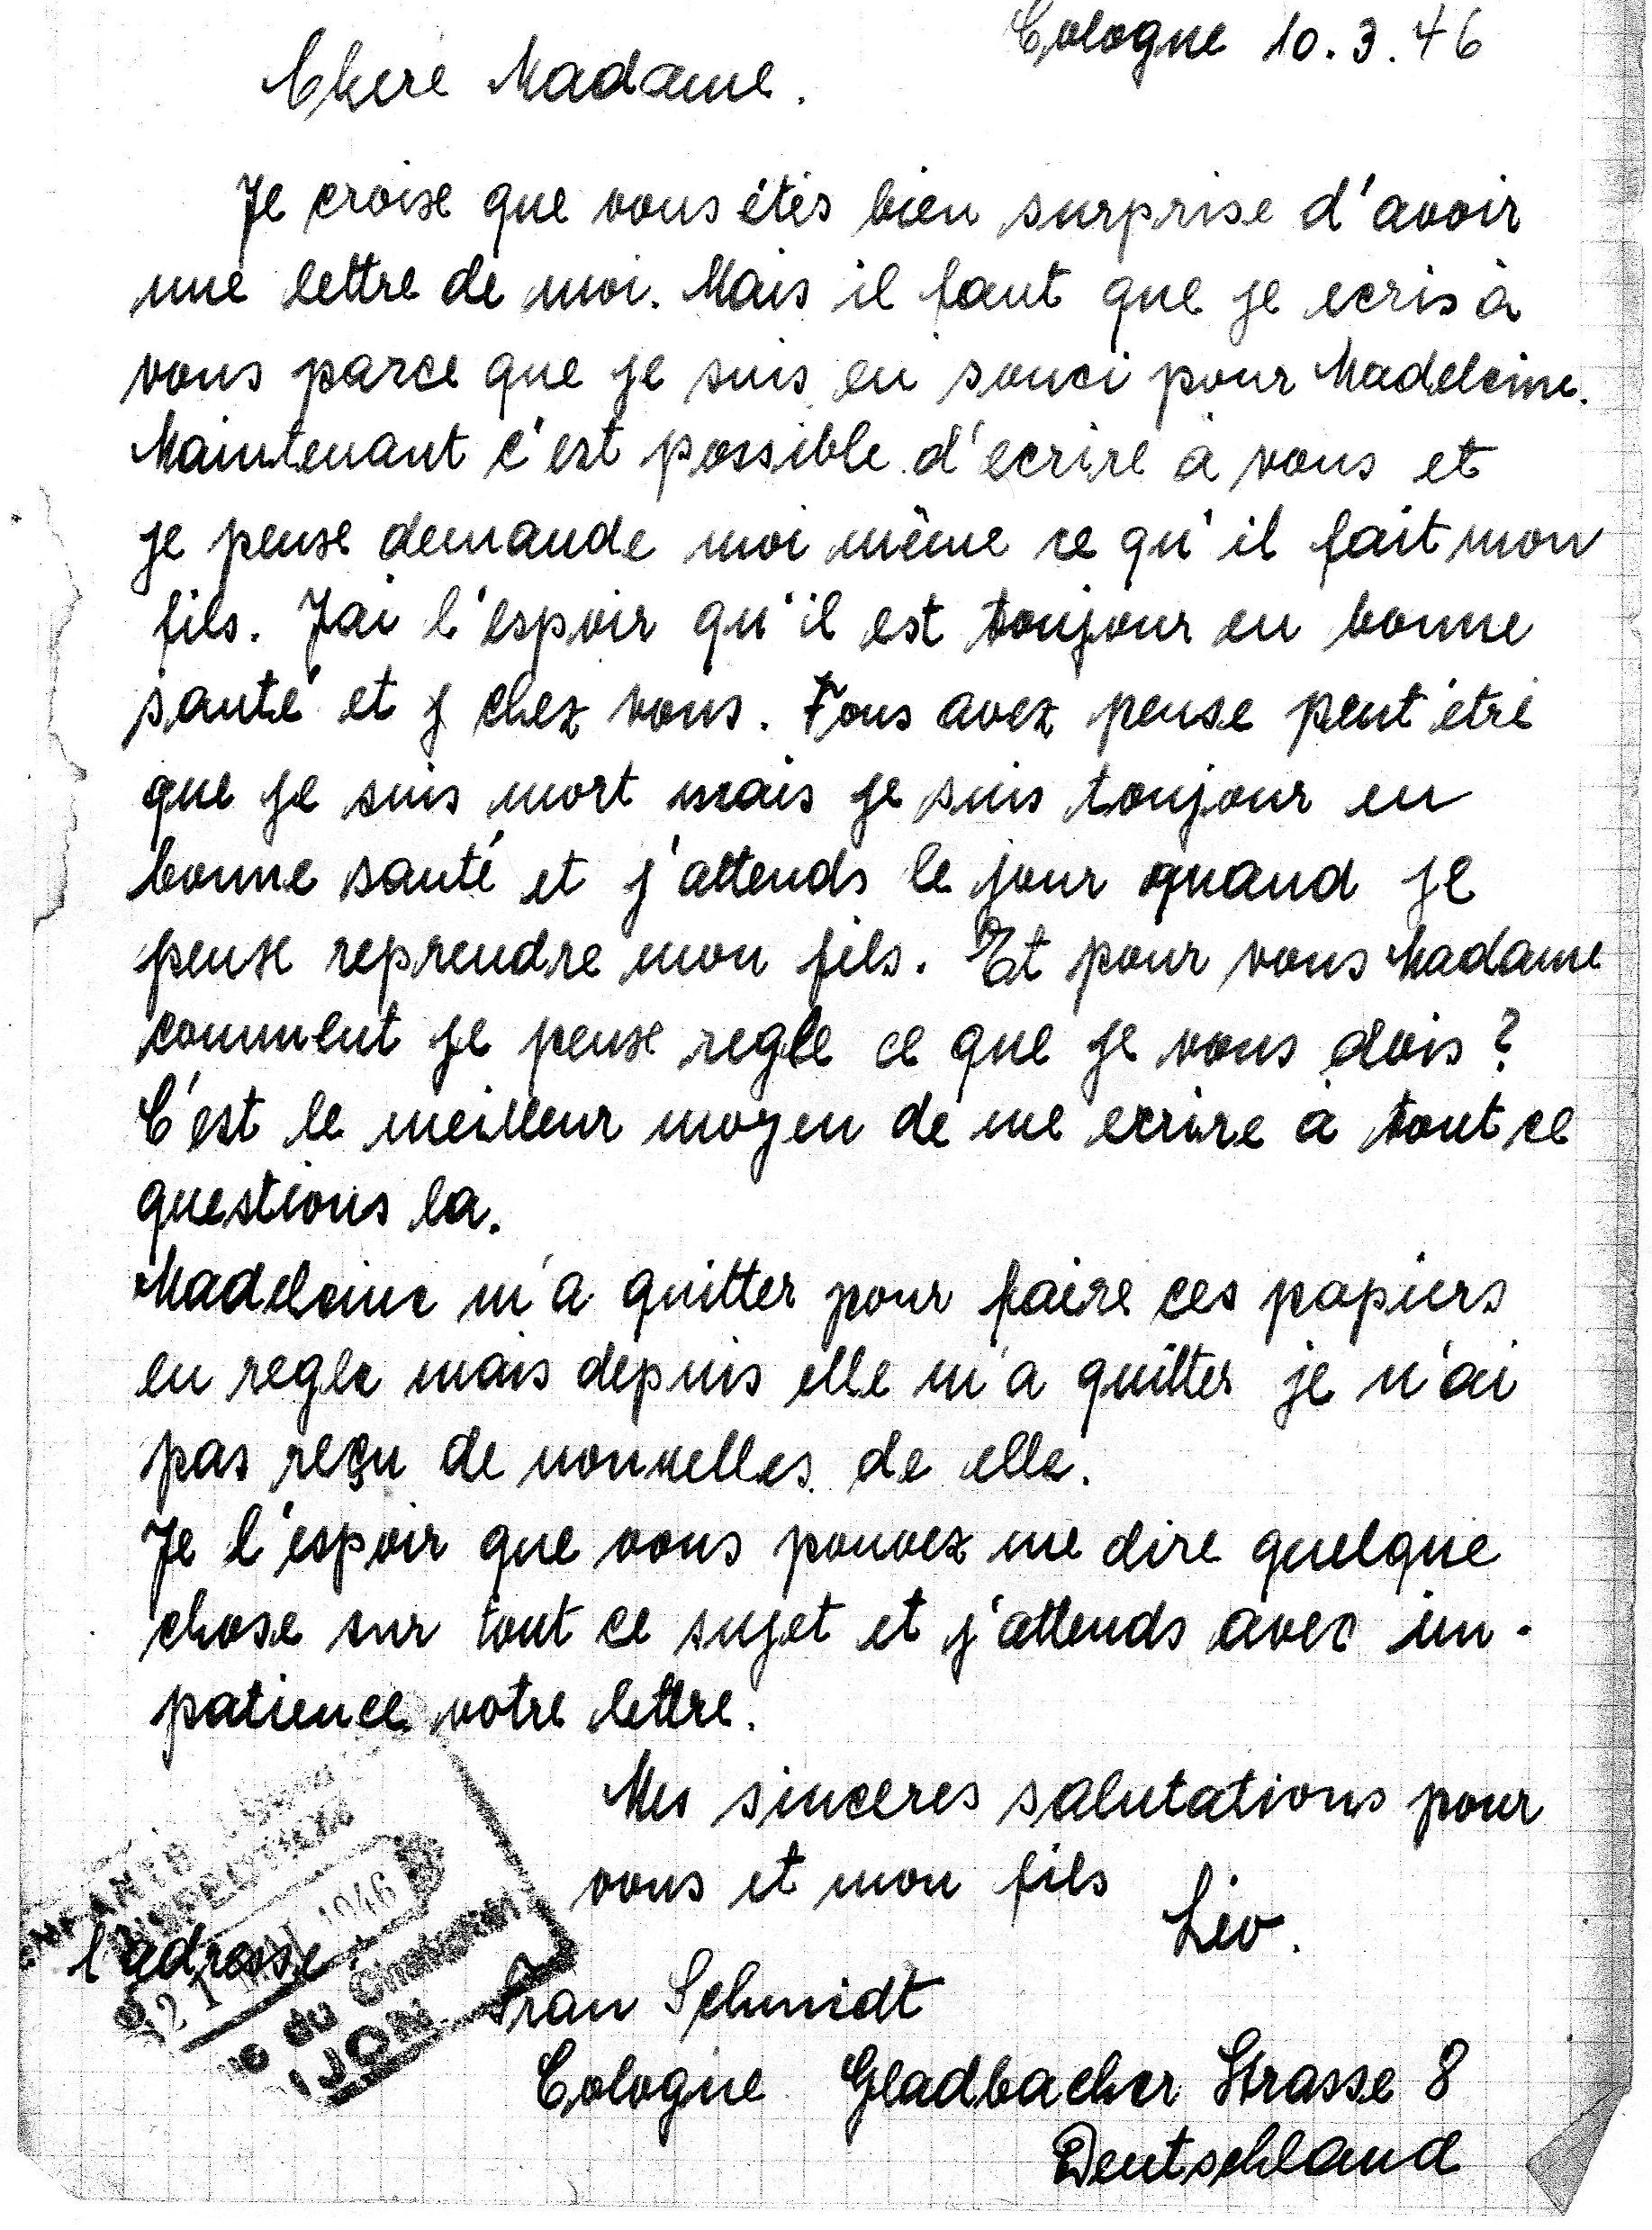 Lettre de Bernhard SCHMIDT à la nourrice.